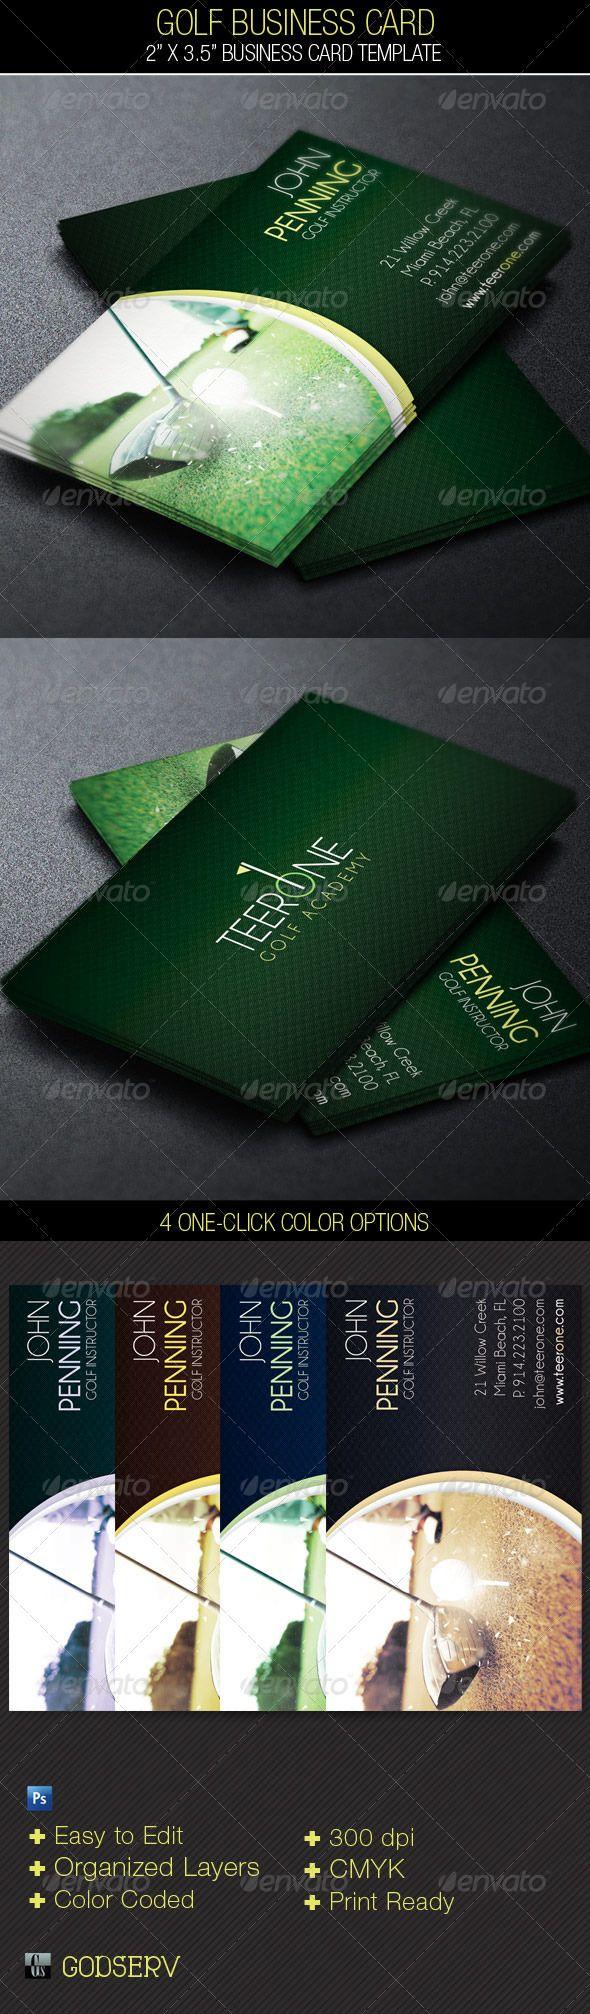 Golf Business Card Template - $6.00